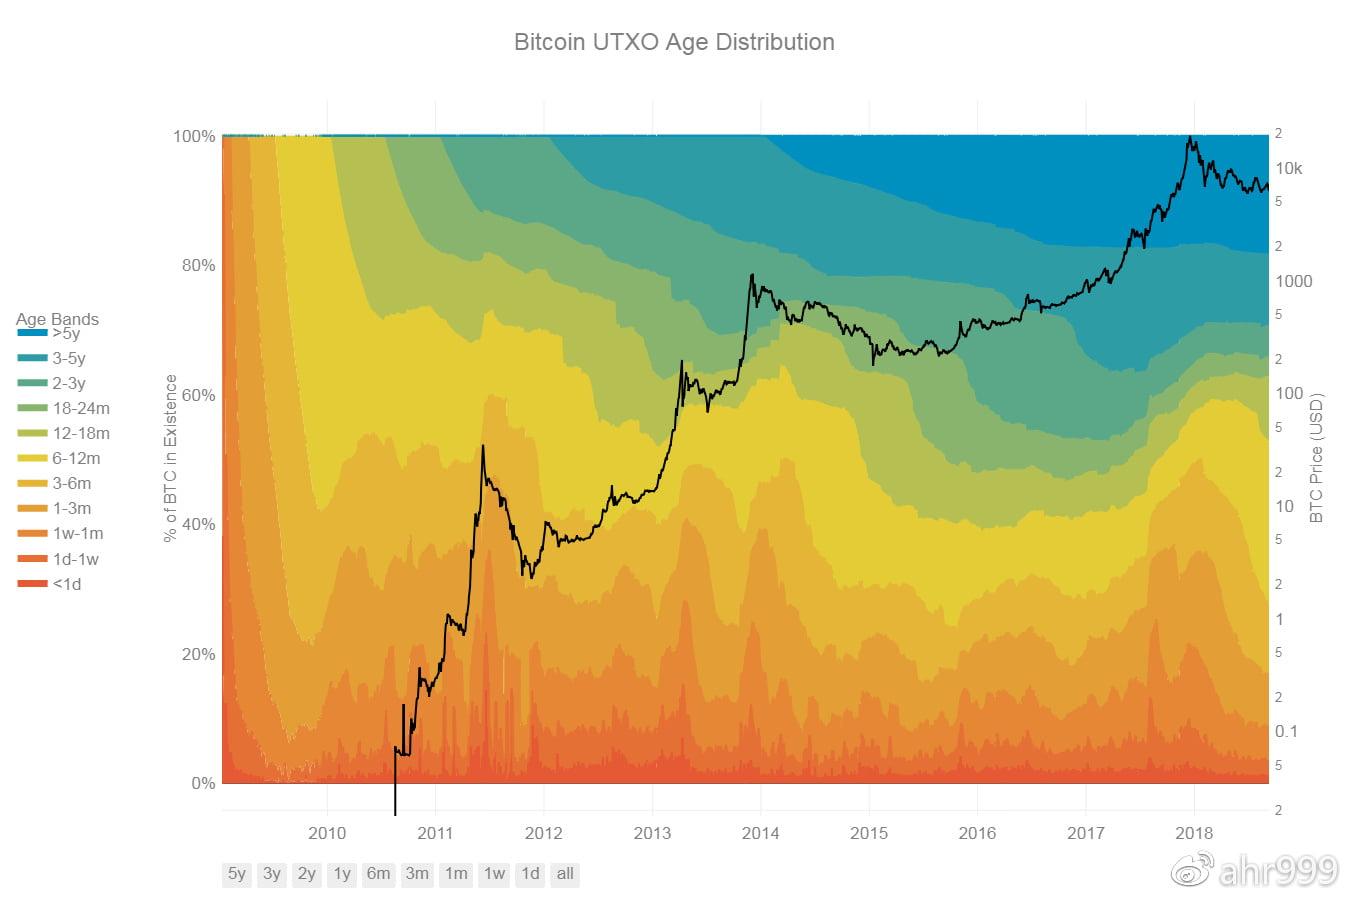 图3. 不同币龄比特币的分布比例(数据源http://hodlwave.com/)